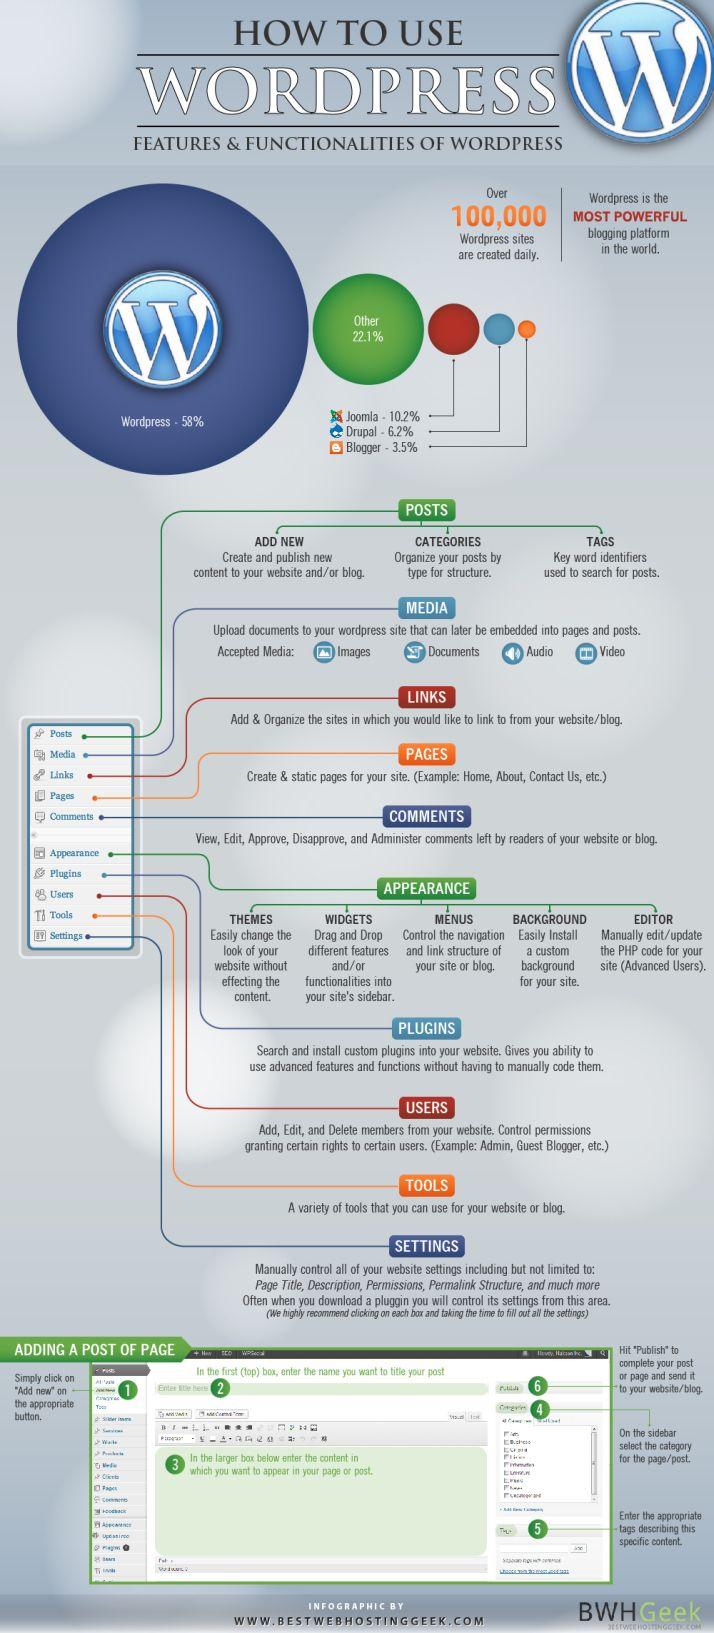 Cómo usar WordPress, infografía #redessociales